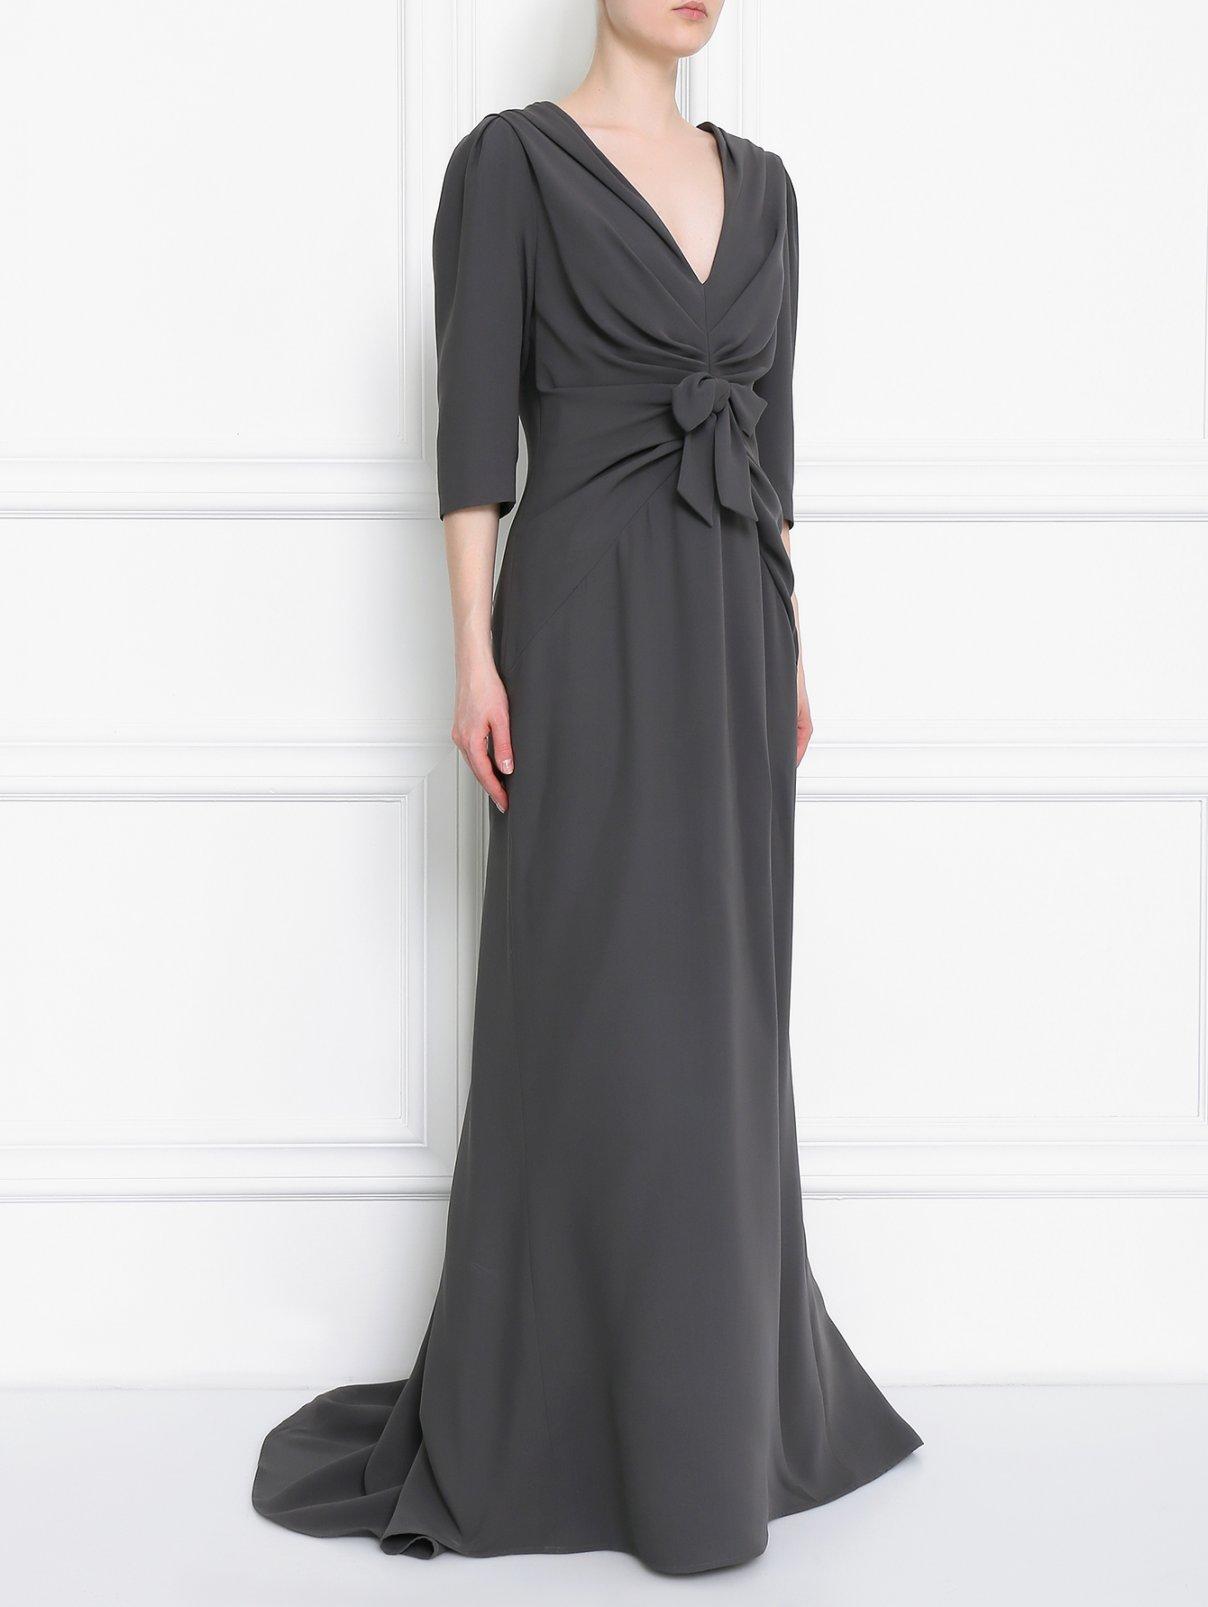 Платье-макси из шелка с драпировкой Carolina Herrera  –  Модель Общий вид